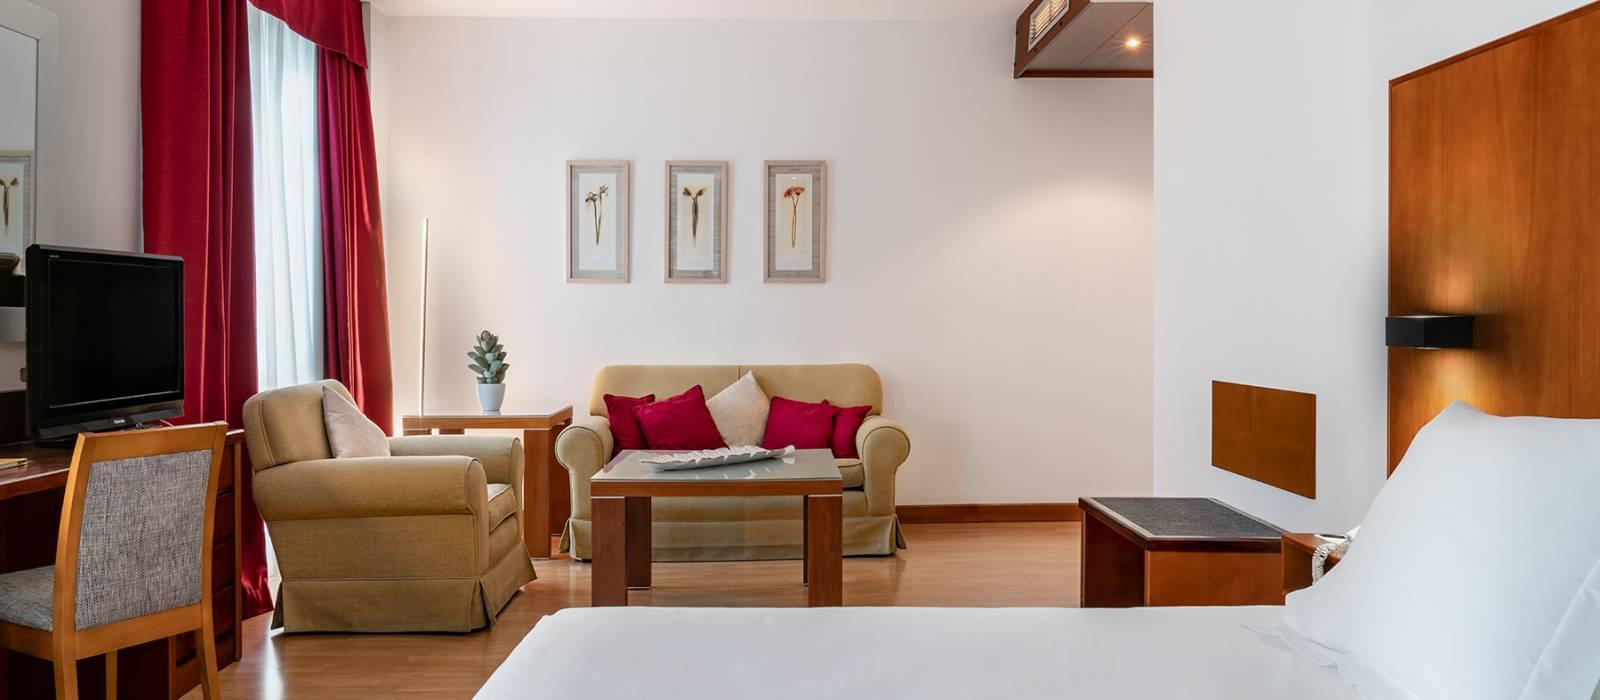 Habitación Superior -  Vincci Ciudad de Salamanca 4*